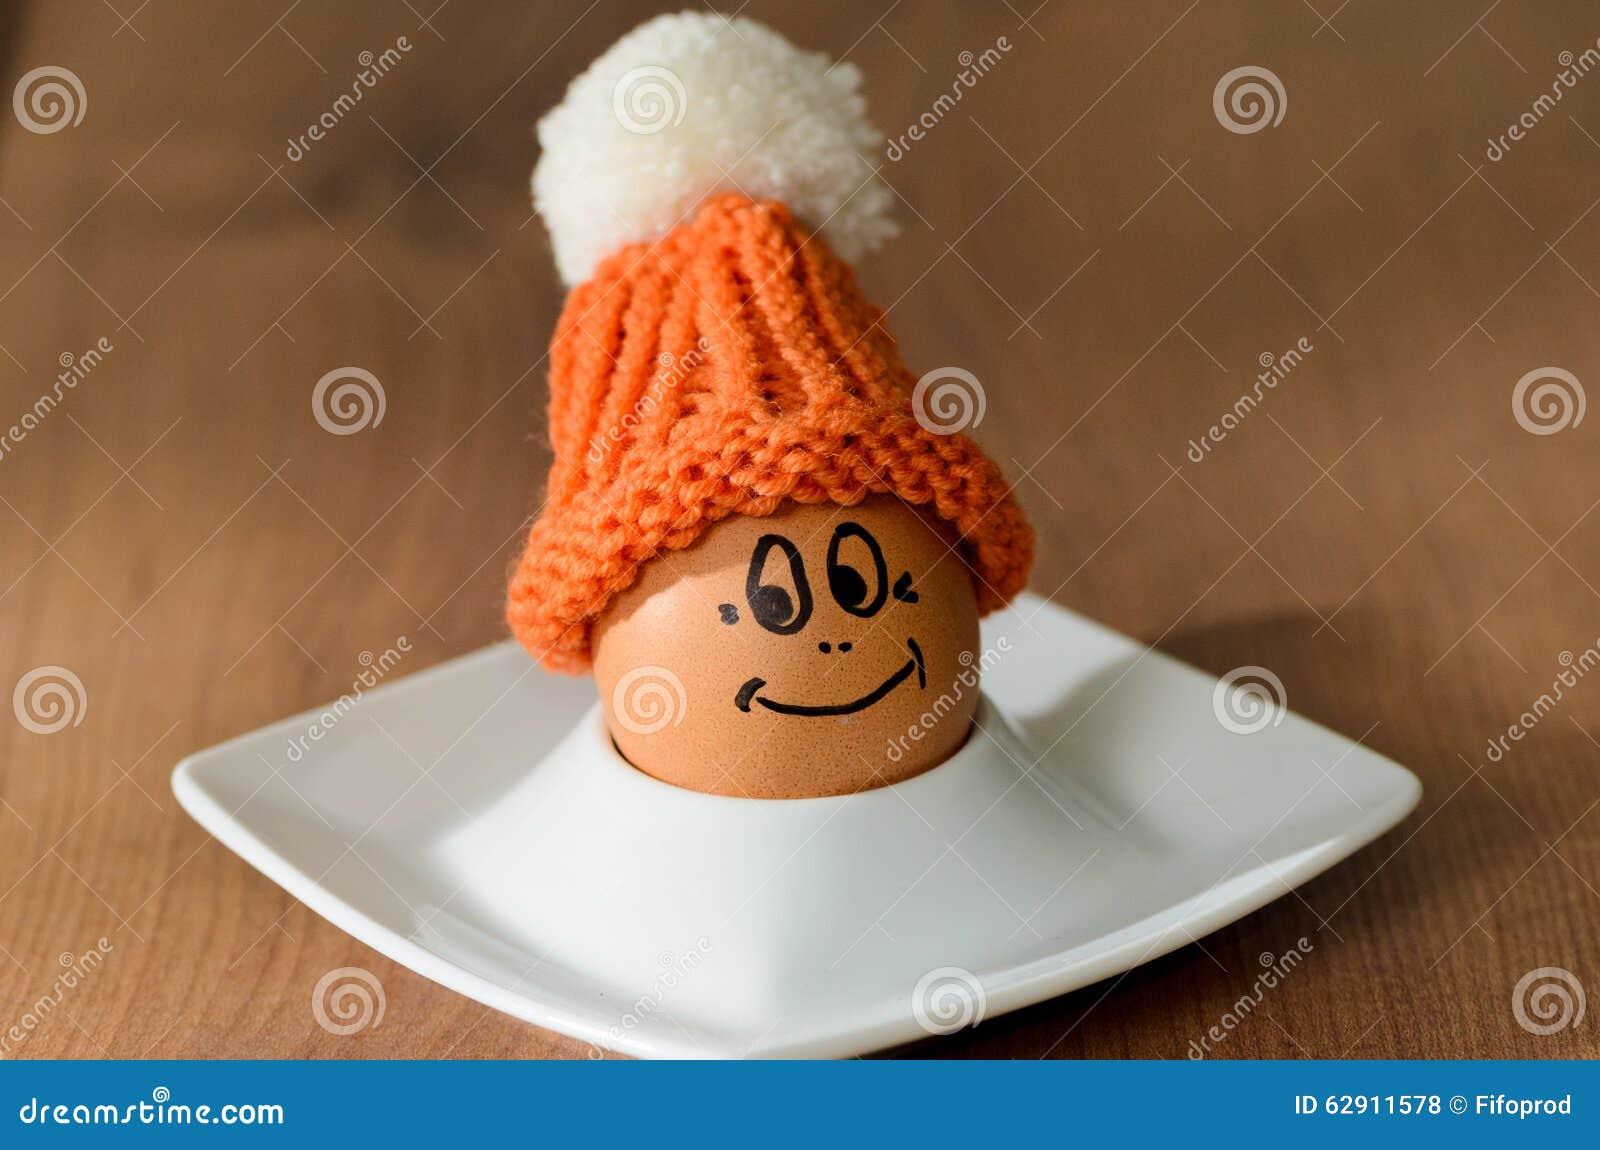 Huevo sonriente con el capo hecho punto que se sienta en la huevera blanca